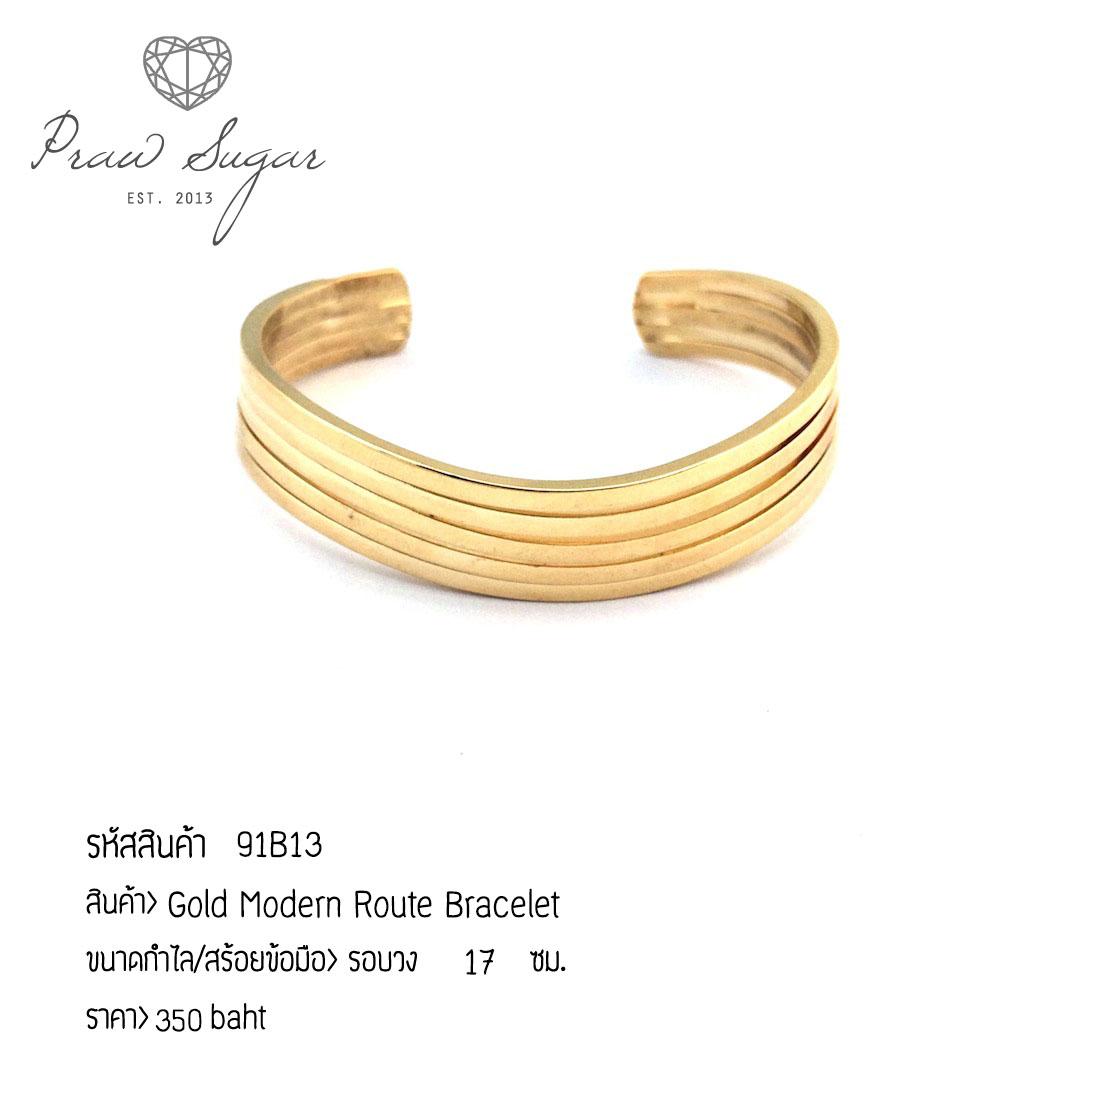 Gold Modern Route Bracelet